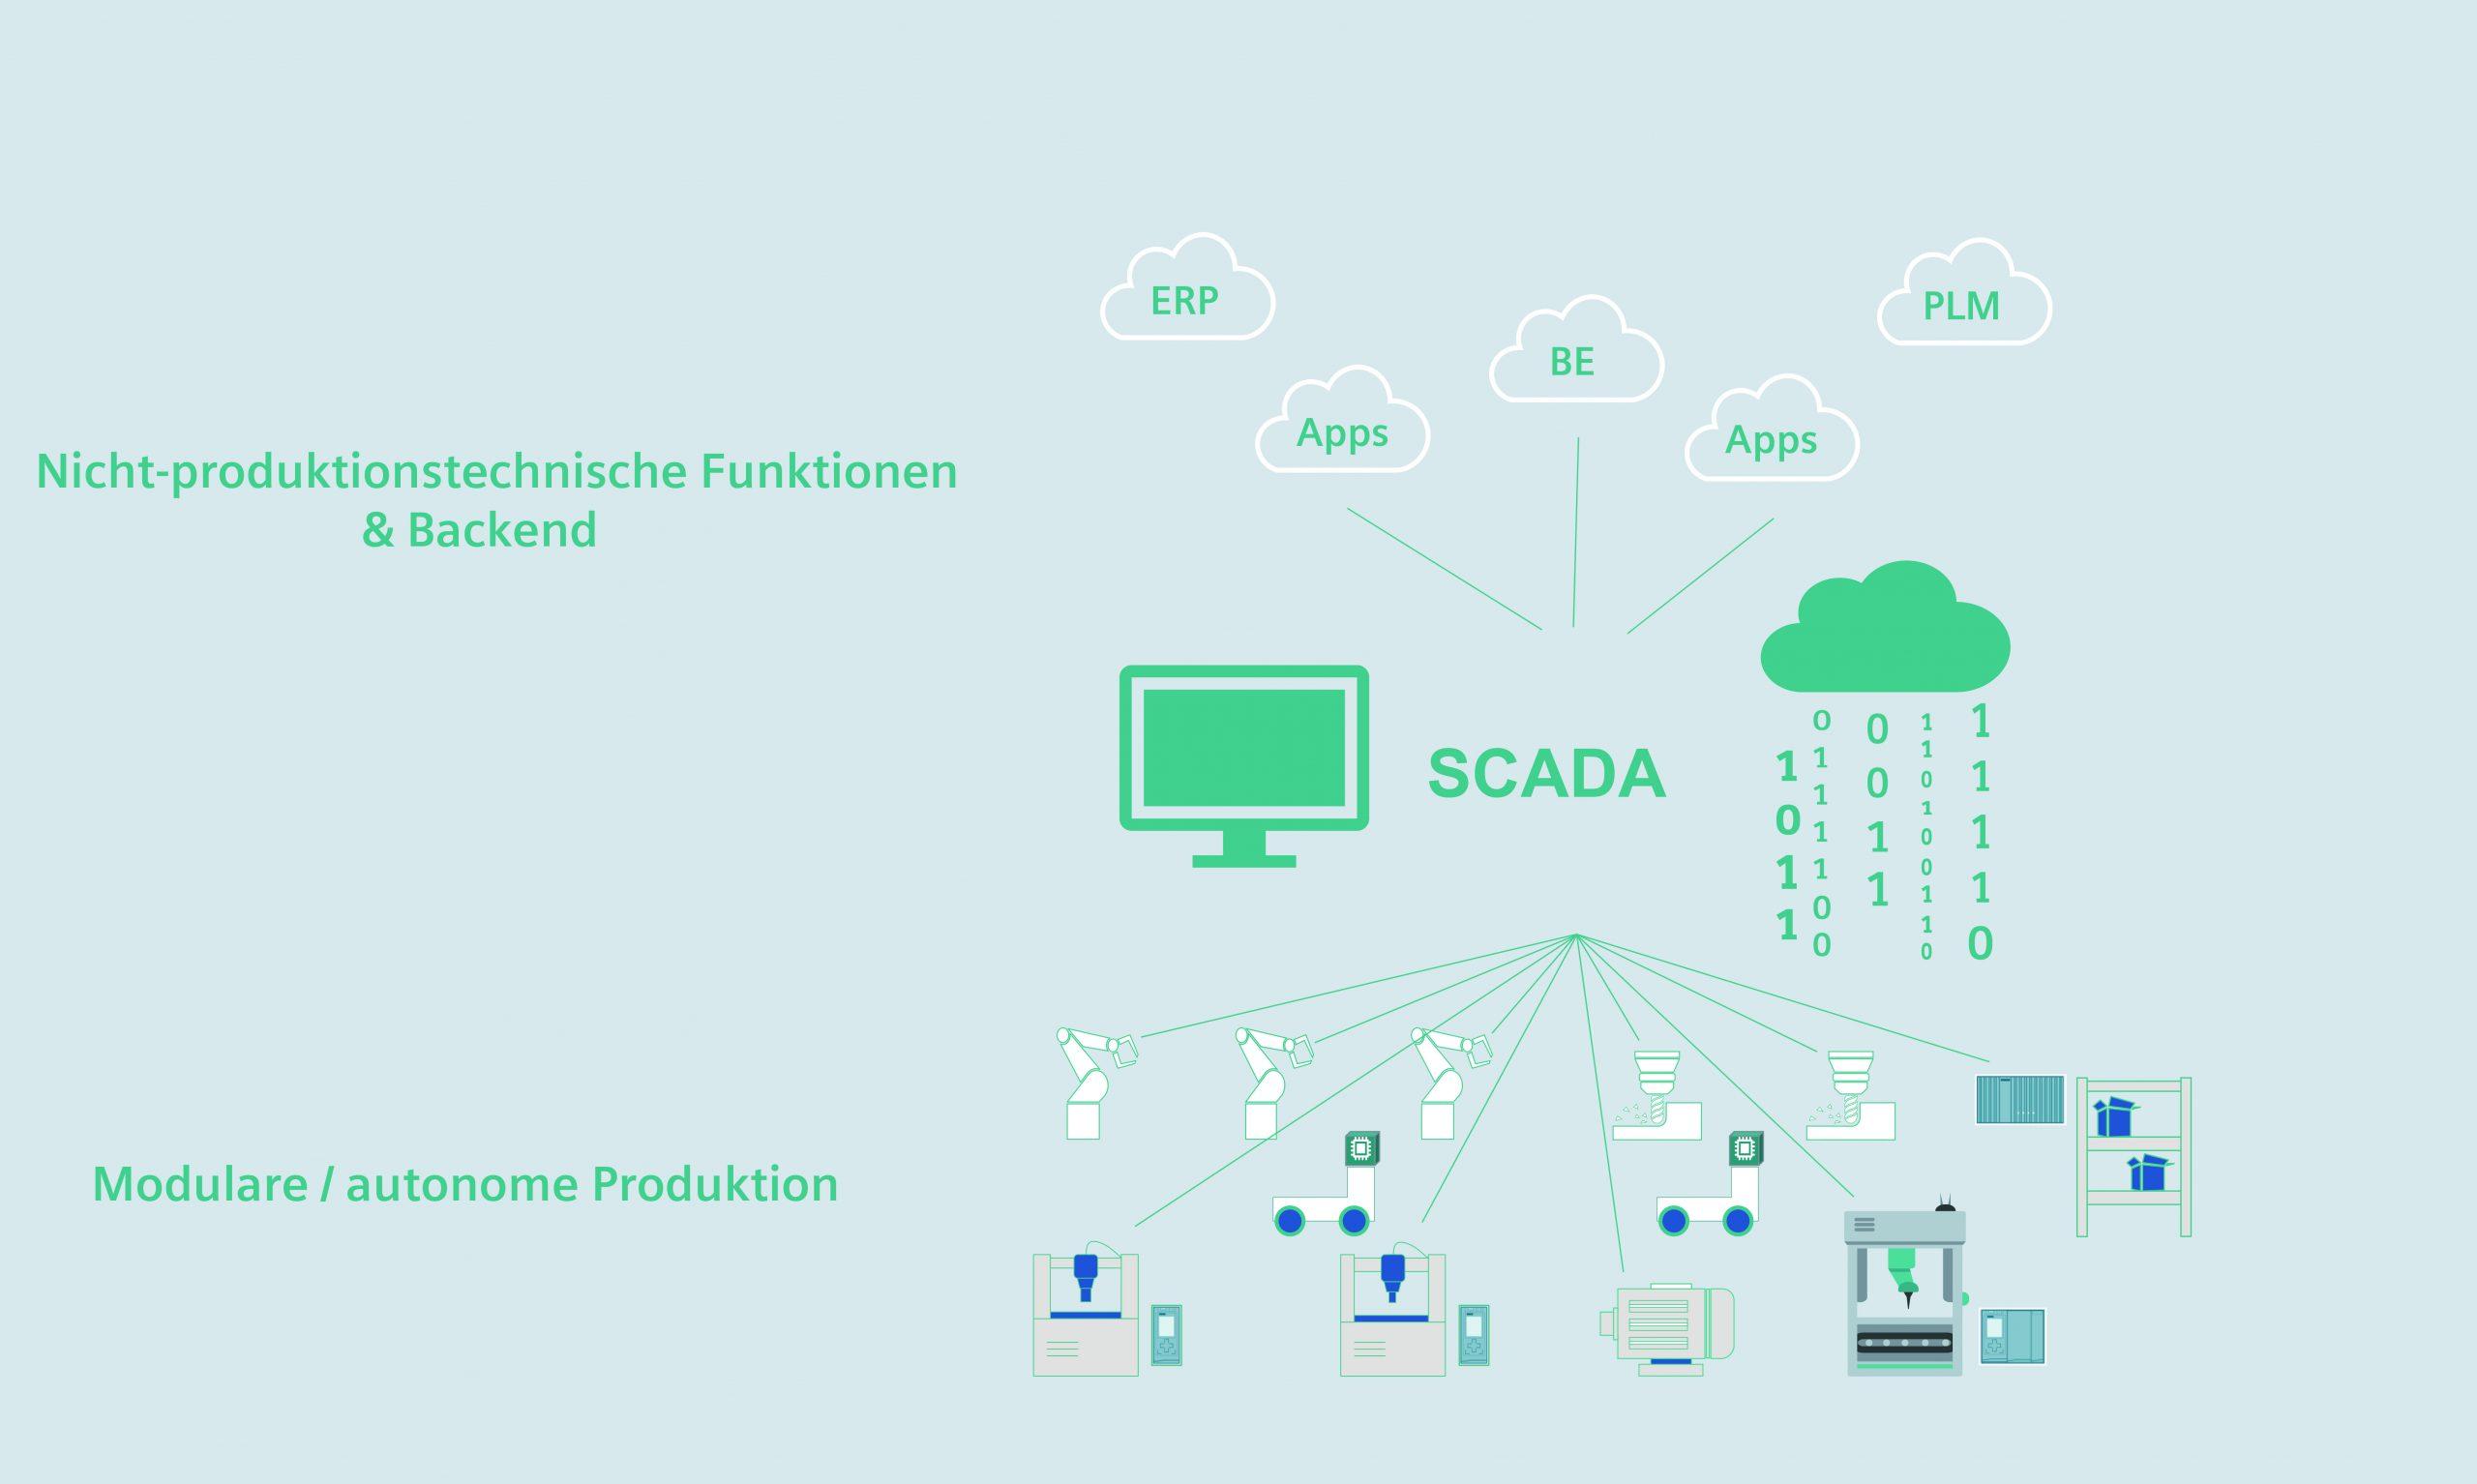 Scada-Systeme verbinden als operative Datenschicht Umgebungen und Anwendungen auf Cloud-, MES-/MIS- oder Web-Ebene mit den Systemen in der Produktion. (Bild: Siemens AG)